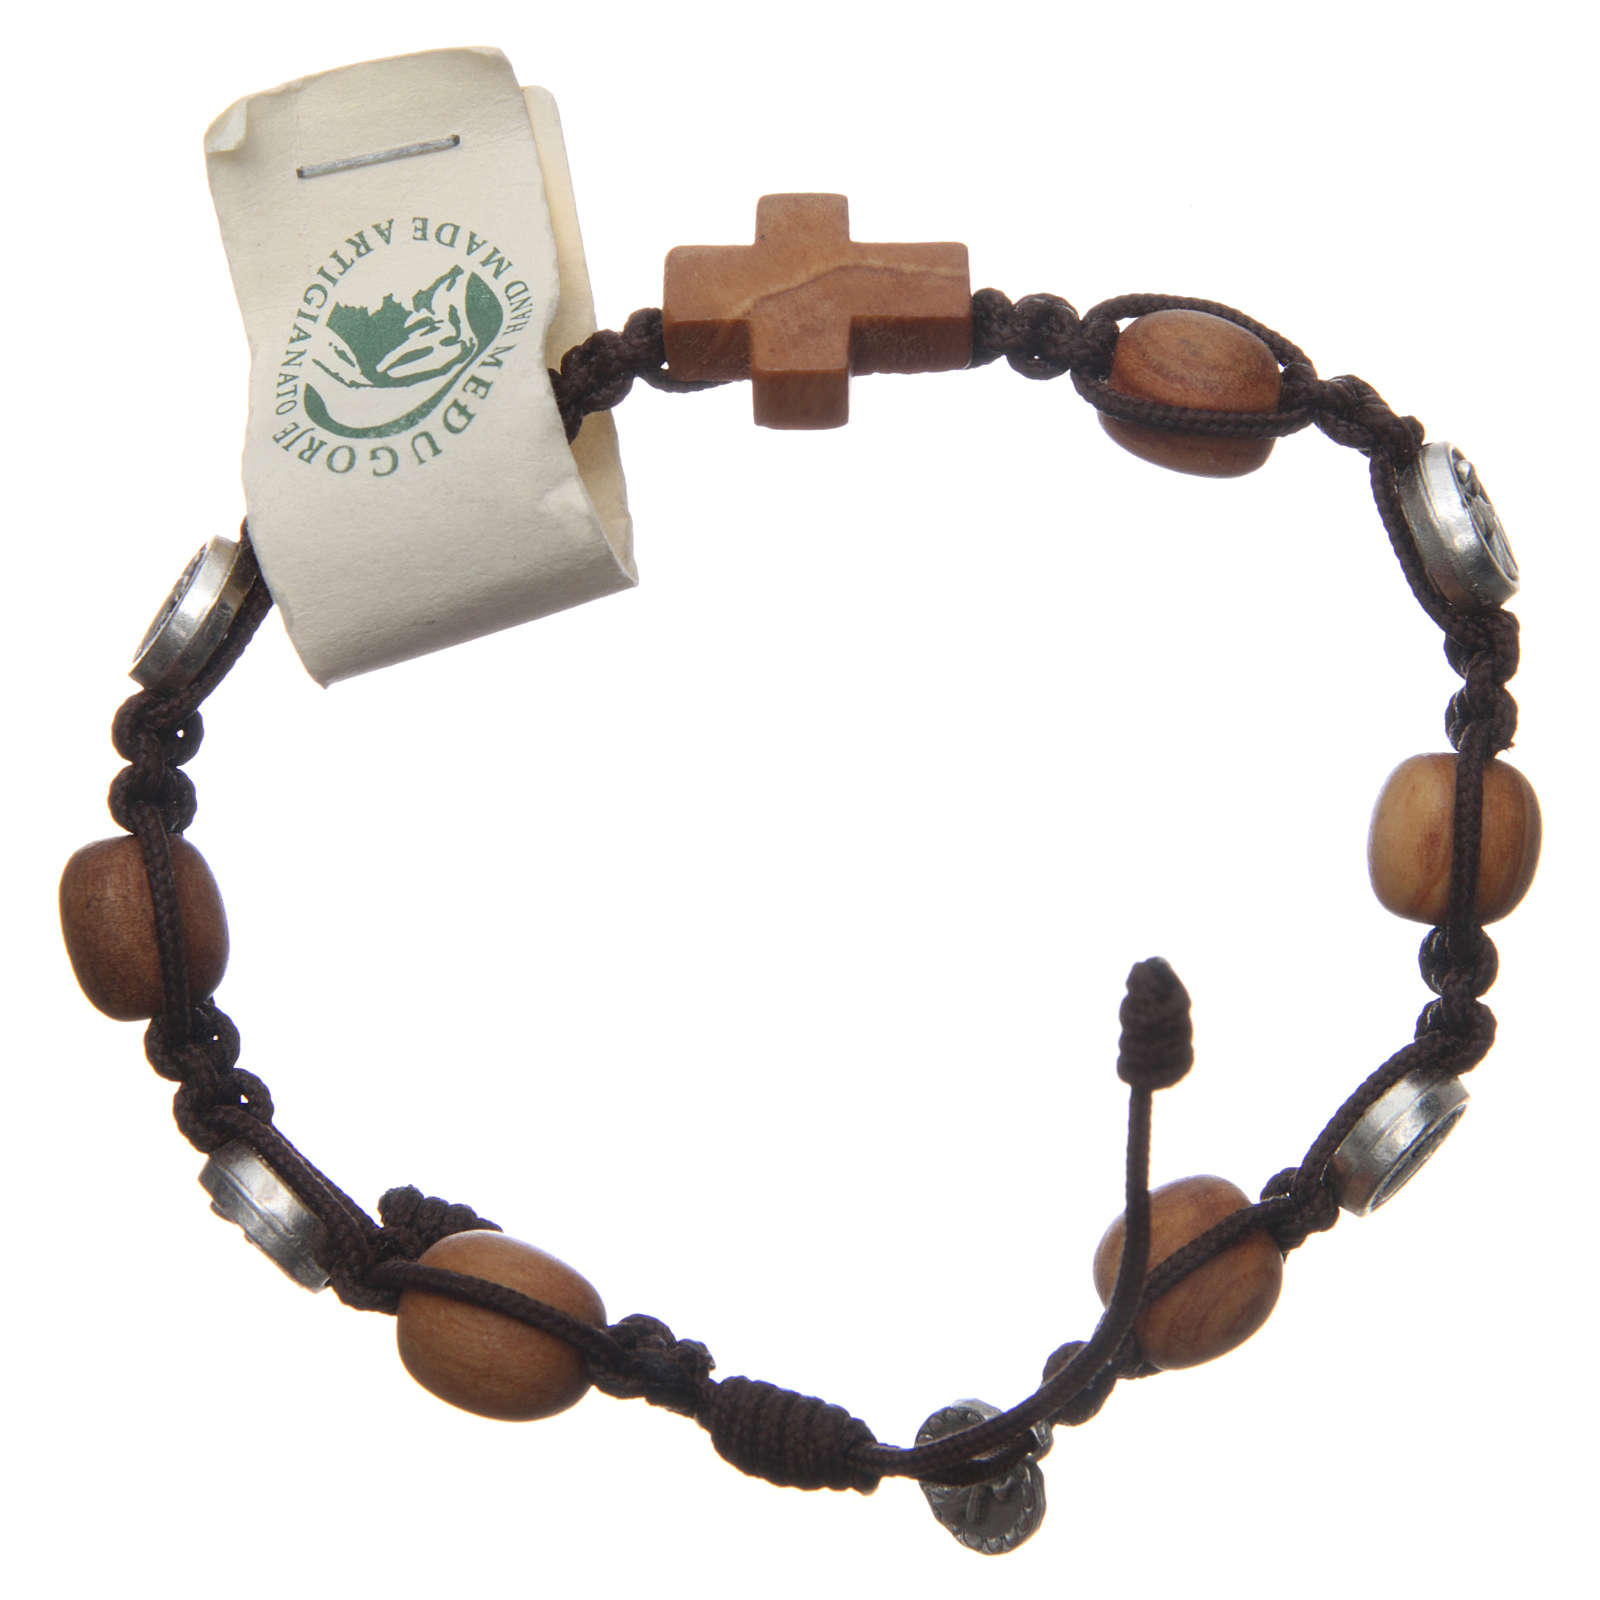 Bracciale Medjugorje ulivo corda marrone Med. Gesù 4